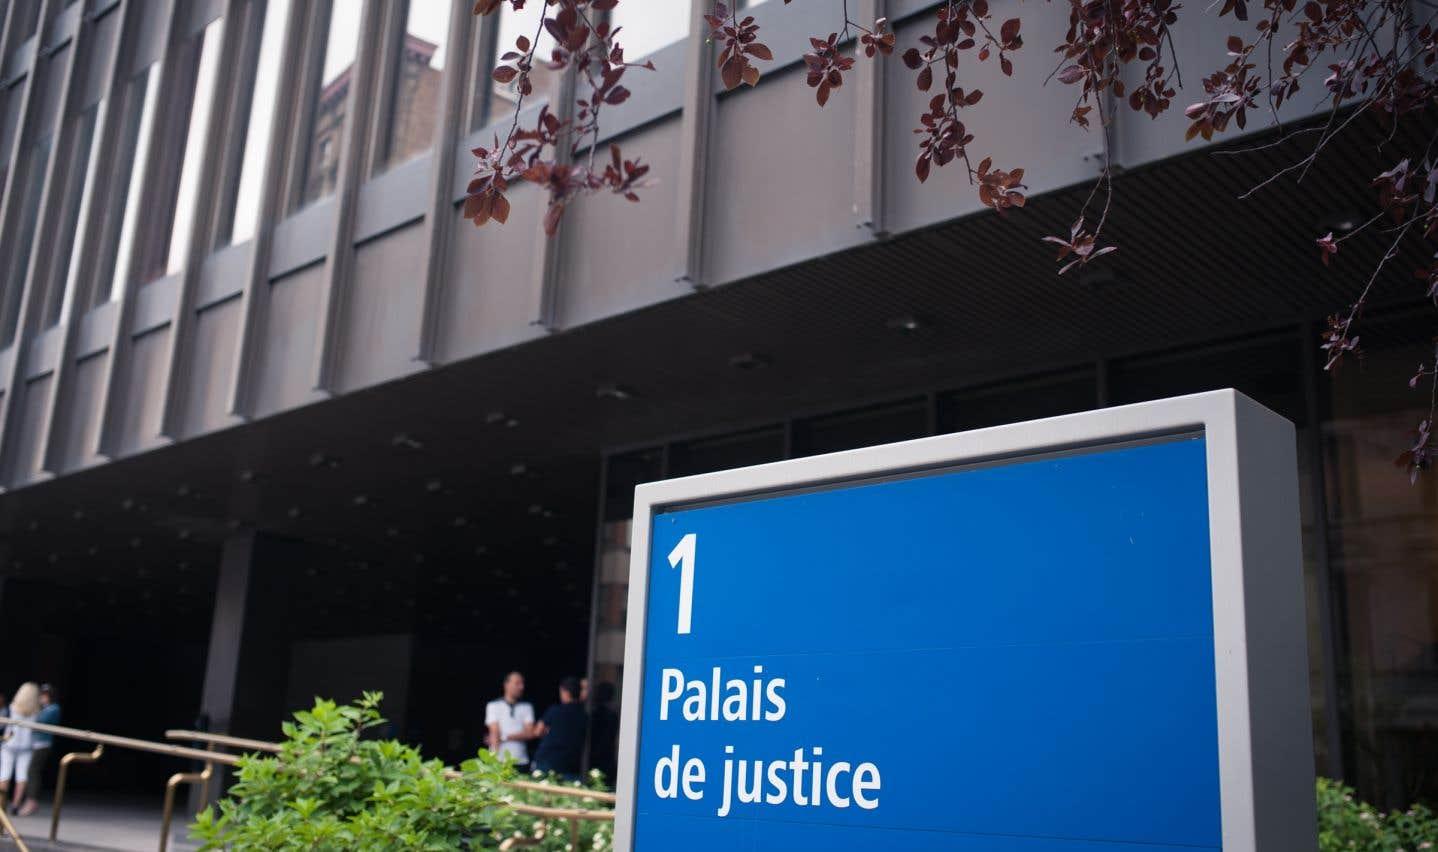 La Loi sur la neutralité religieuse est débattue pour la première fois devant un tribunal